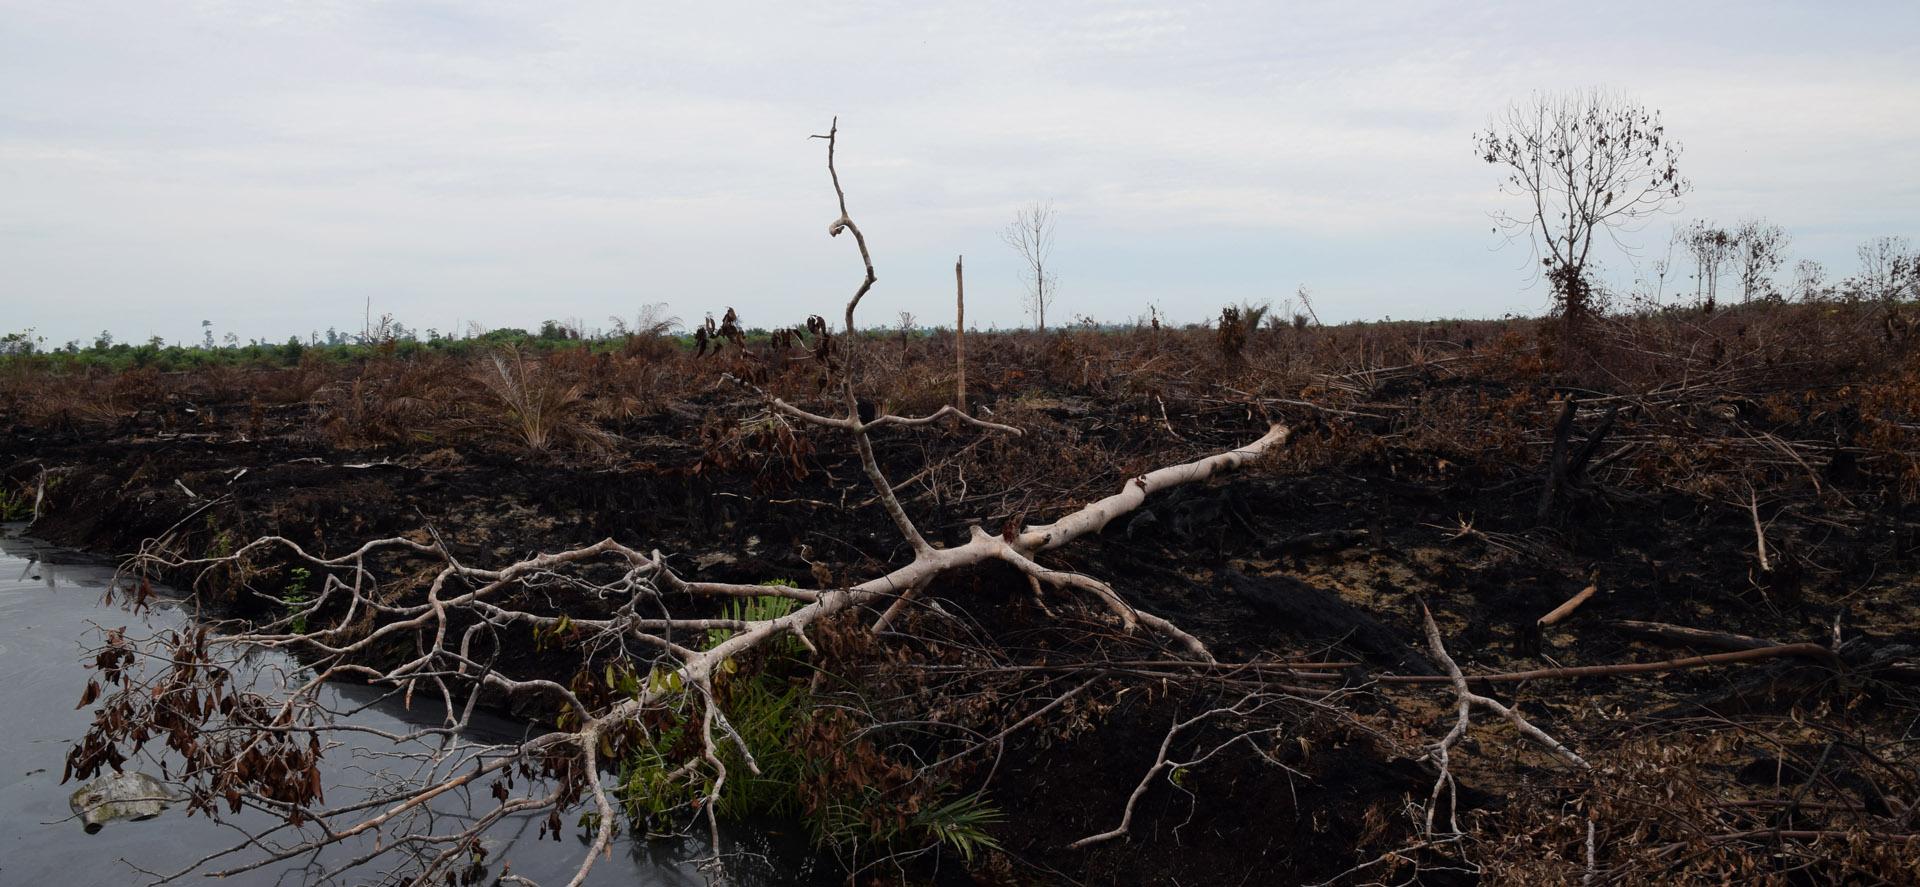 Verbranntes Land in Pekanbaru